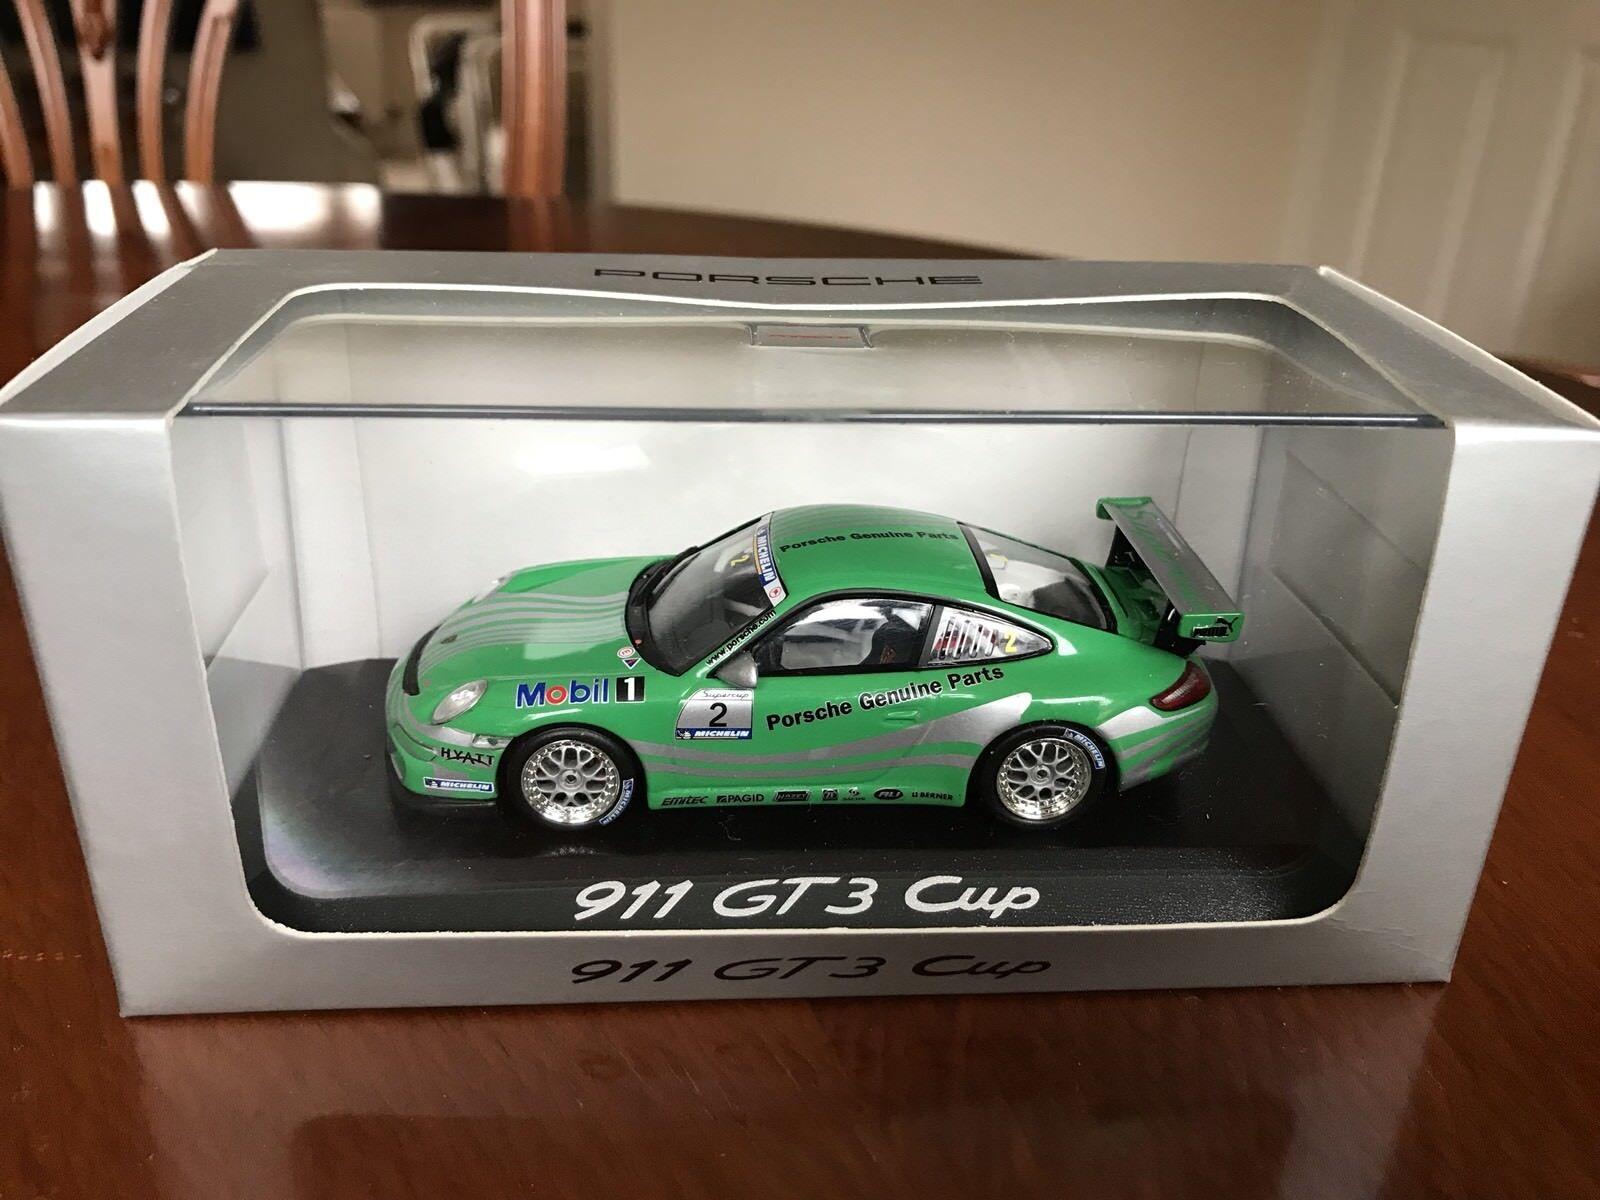 Rare Porsche Dealer 911 GT3 Cup (997). Mobile Minichamps 1 43 Diecast